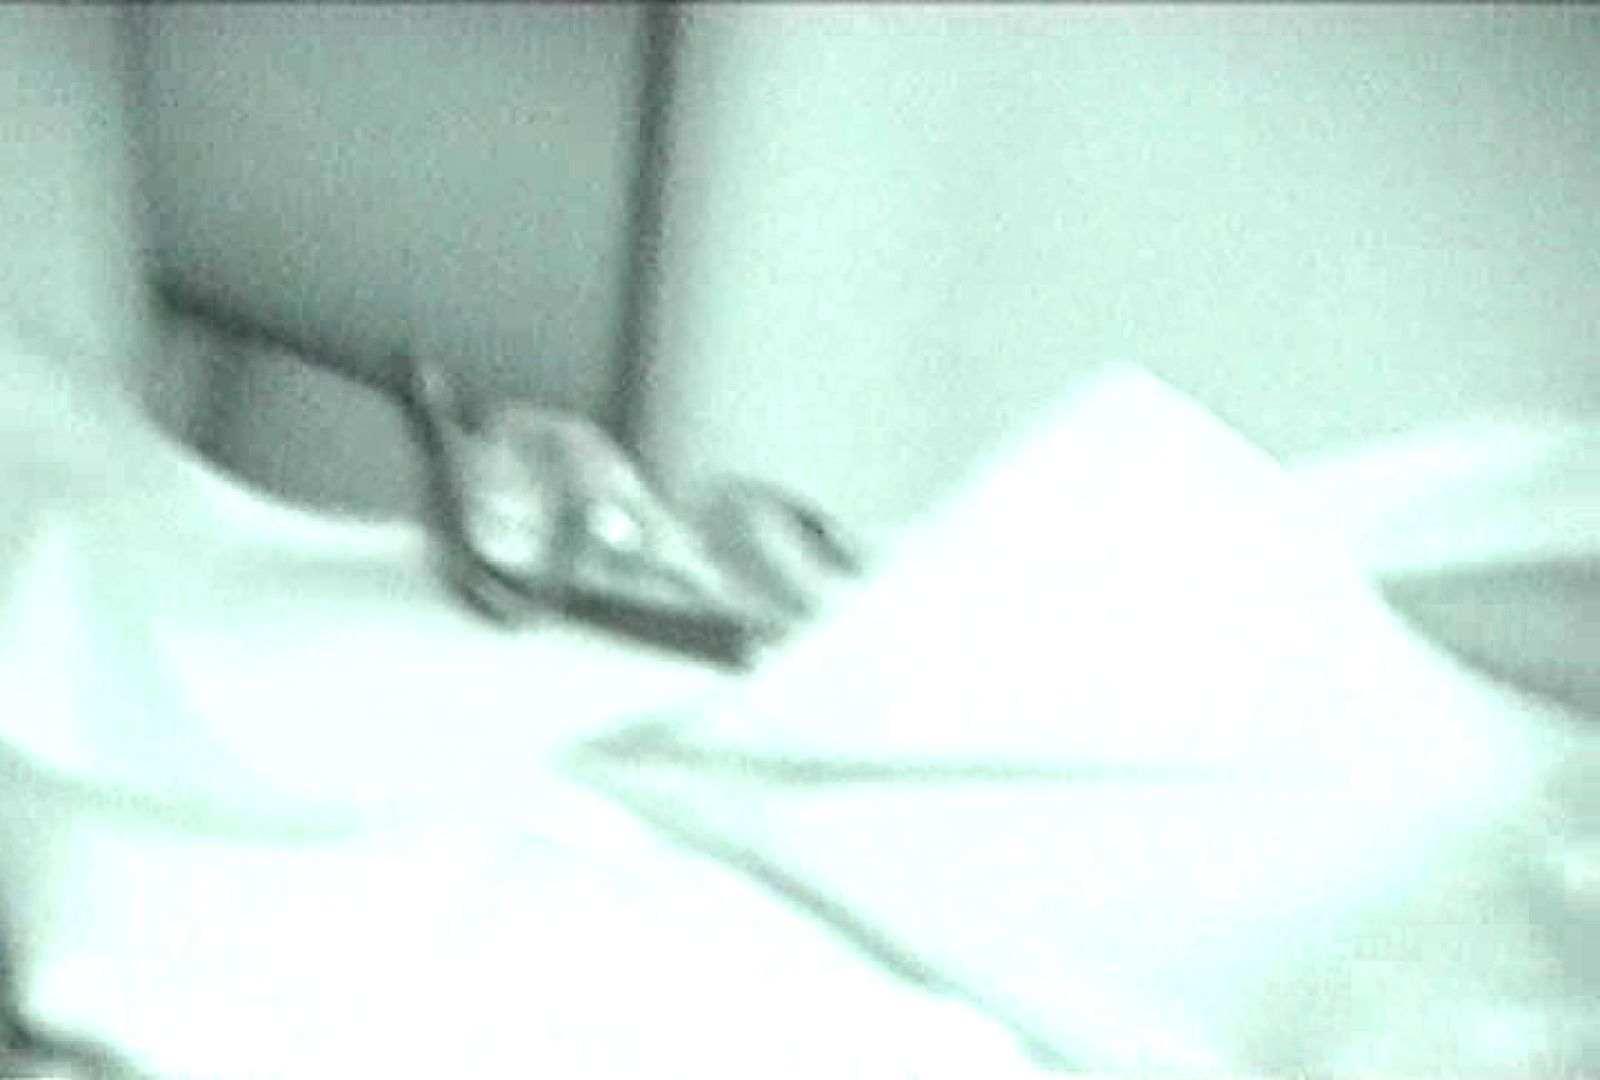 充血監督の深夜の運動会Vol.83 下半身 われめAV動画紹介 106pic 92